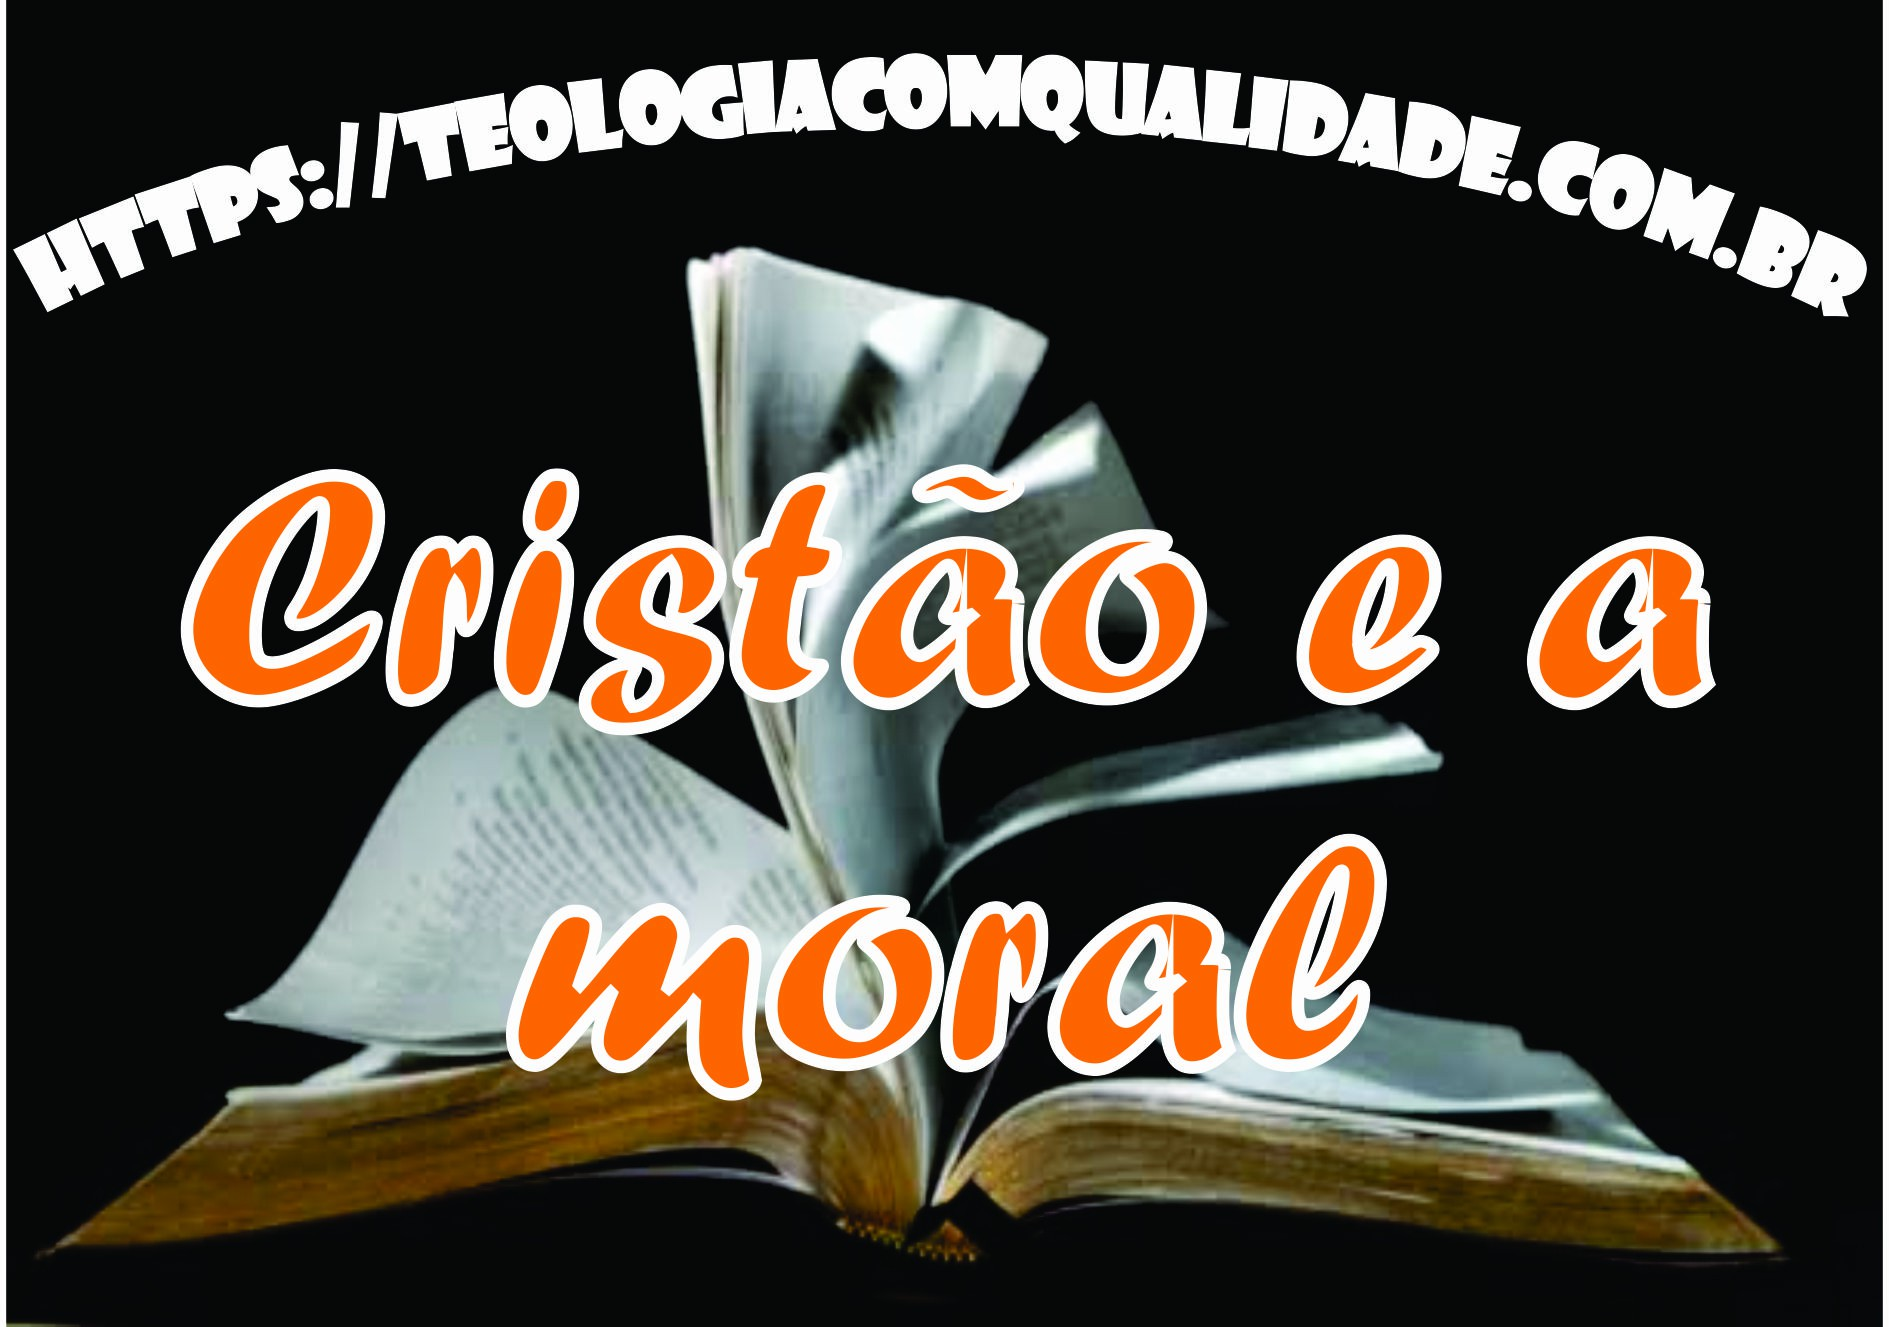 """Cristão e a moral<span class=""""rmp-archive-results-widget """"><i class="""" rmp-icon rmp-icon--ratings rmp-icon--star rmp-icon--full-highlight""""></i><i class="""" rmp-icon rmp-icon--ratings rmp-icon--star rmp-icon--full-highlight""""></i><i class="""" rmp-icon rmp-icon--ratings rmp-icon--star rmp-icon--full-highlight""""></i><i class="""" rmp-icon rmp-icon--ratings rmp-icon--star rmp-icon--full-highlight""""></i><i class="""" rmp-icon rmp-icon--ratings rmp-icon--star rmp-icon--full-highlight""""></i> <span>5 (495)</span></span>"""